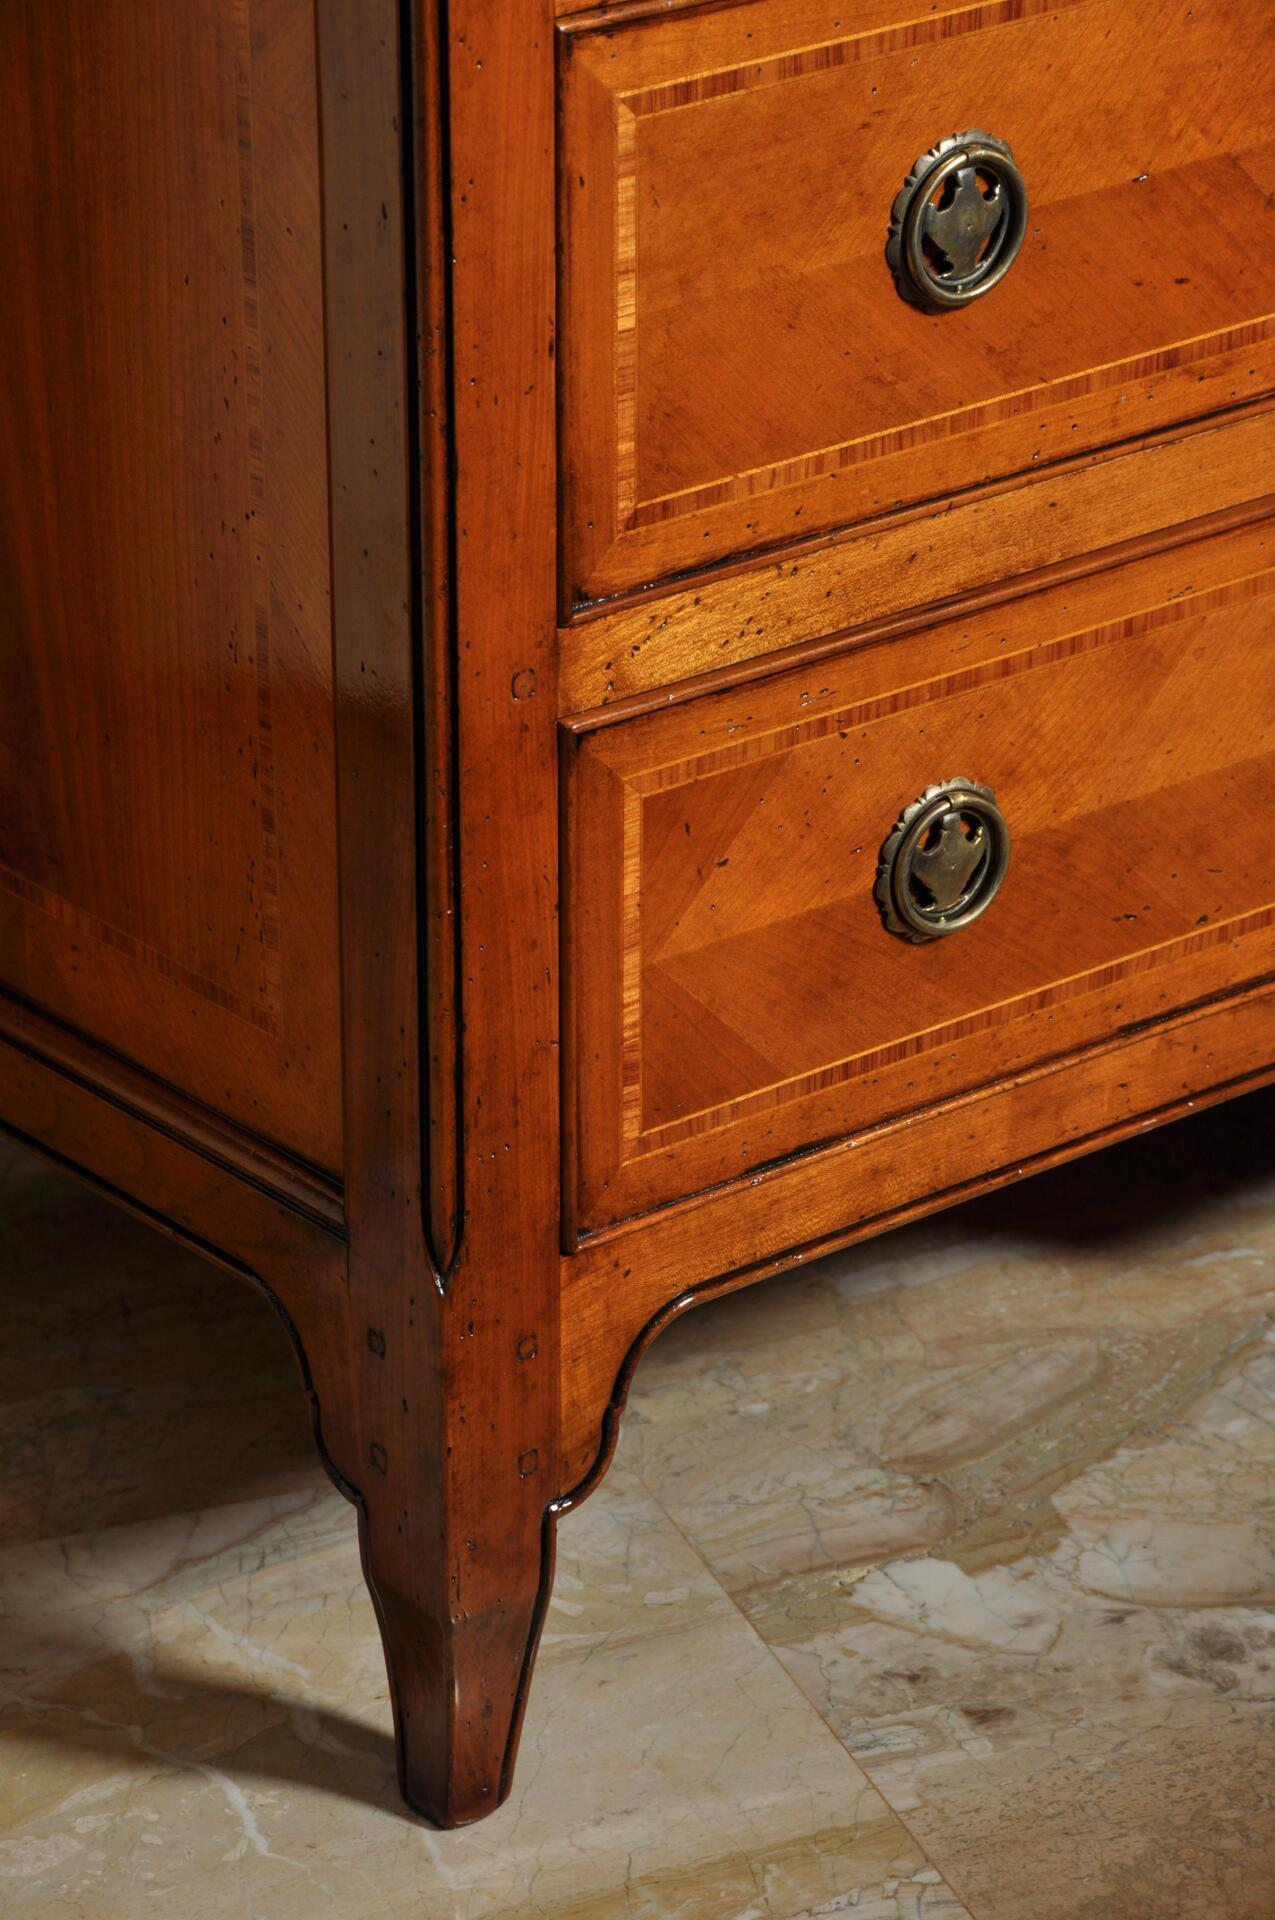 realizzazione comò intarsiato in stile provenzale in essenza di ciliegio con filetti in acero e legno di rosa costruito su misura